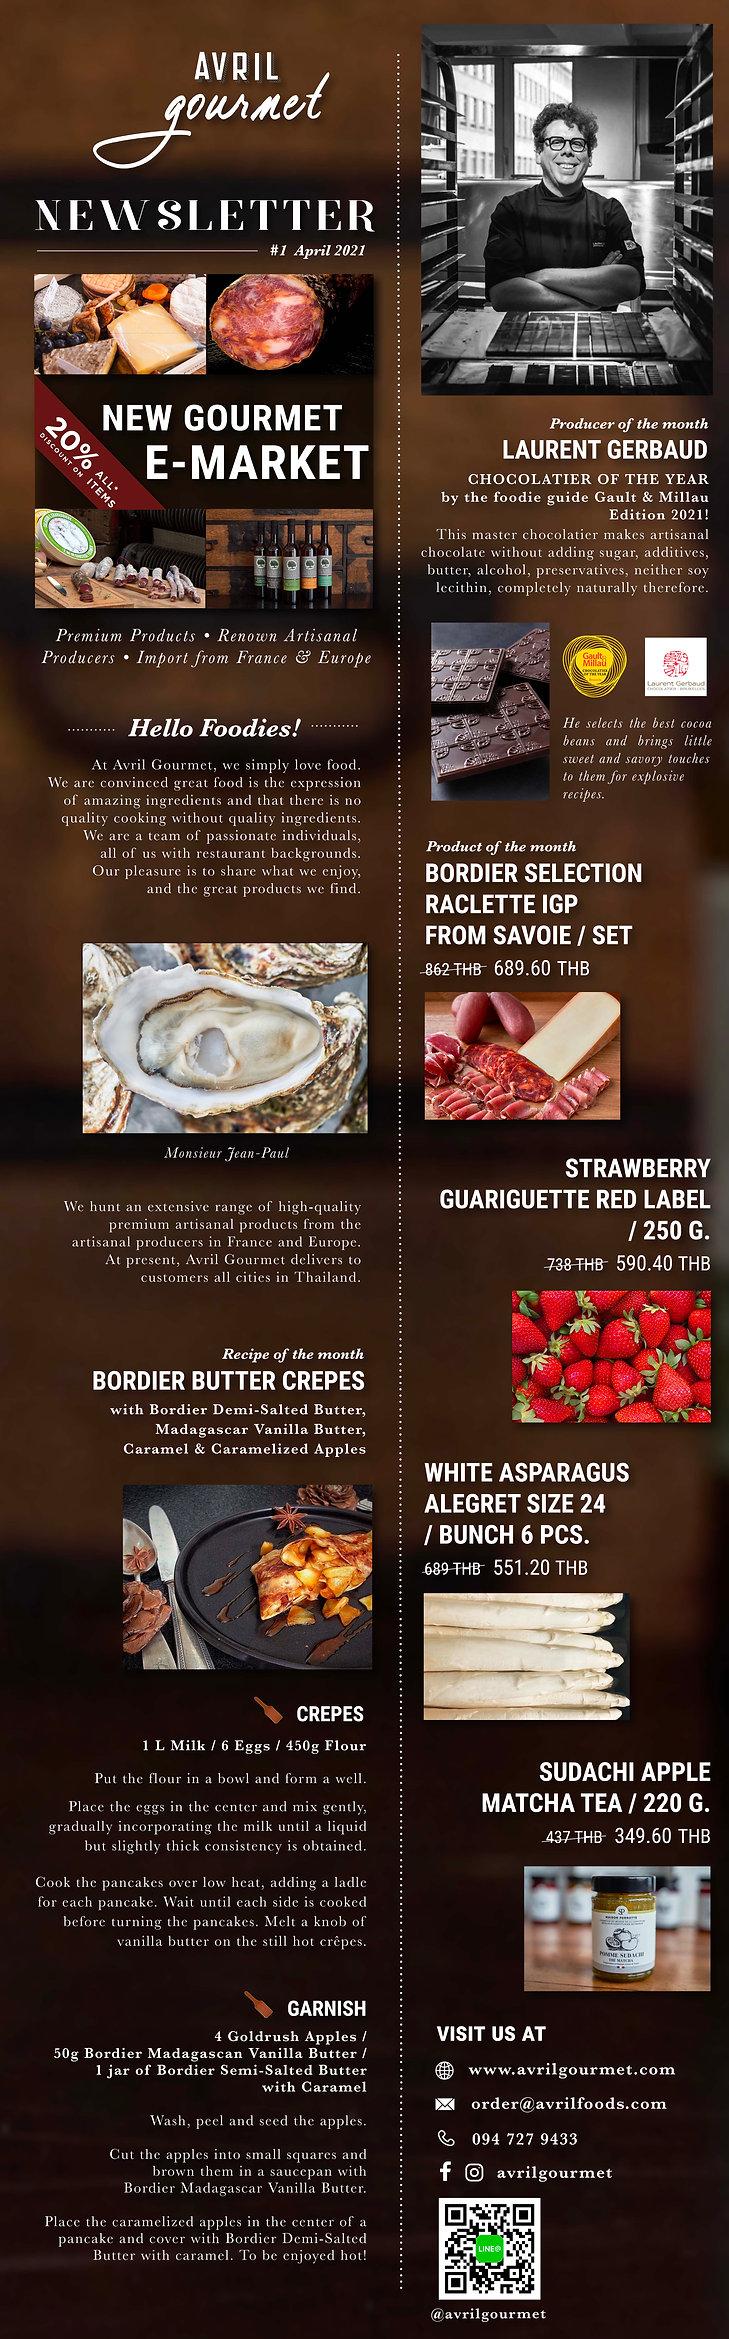 Avril gourmet_Newsletter April (2020.04.